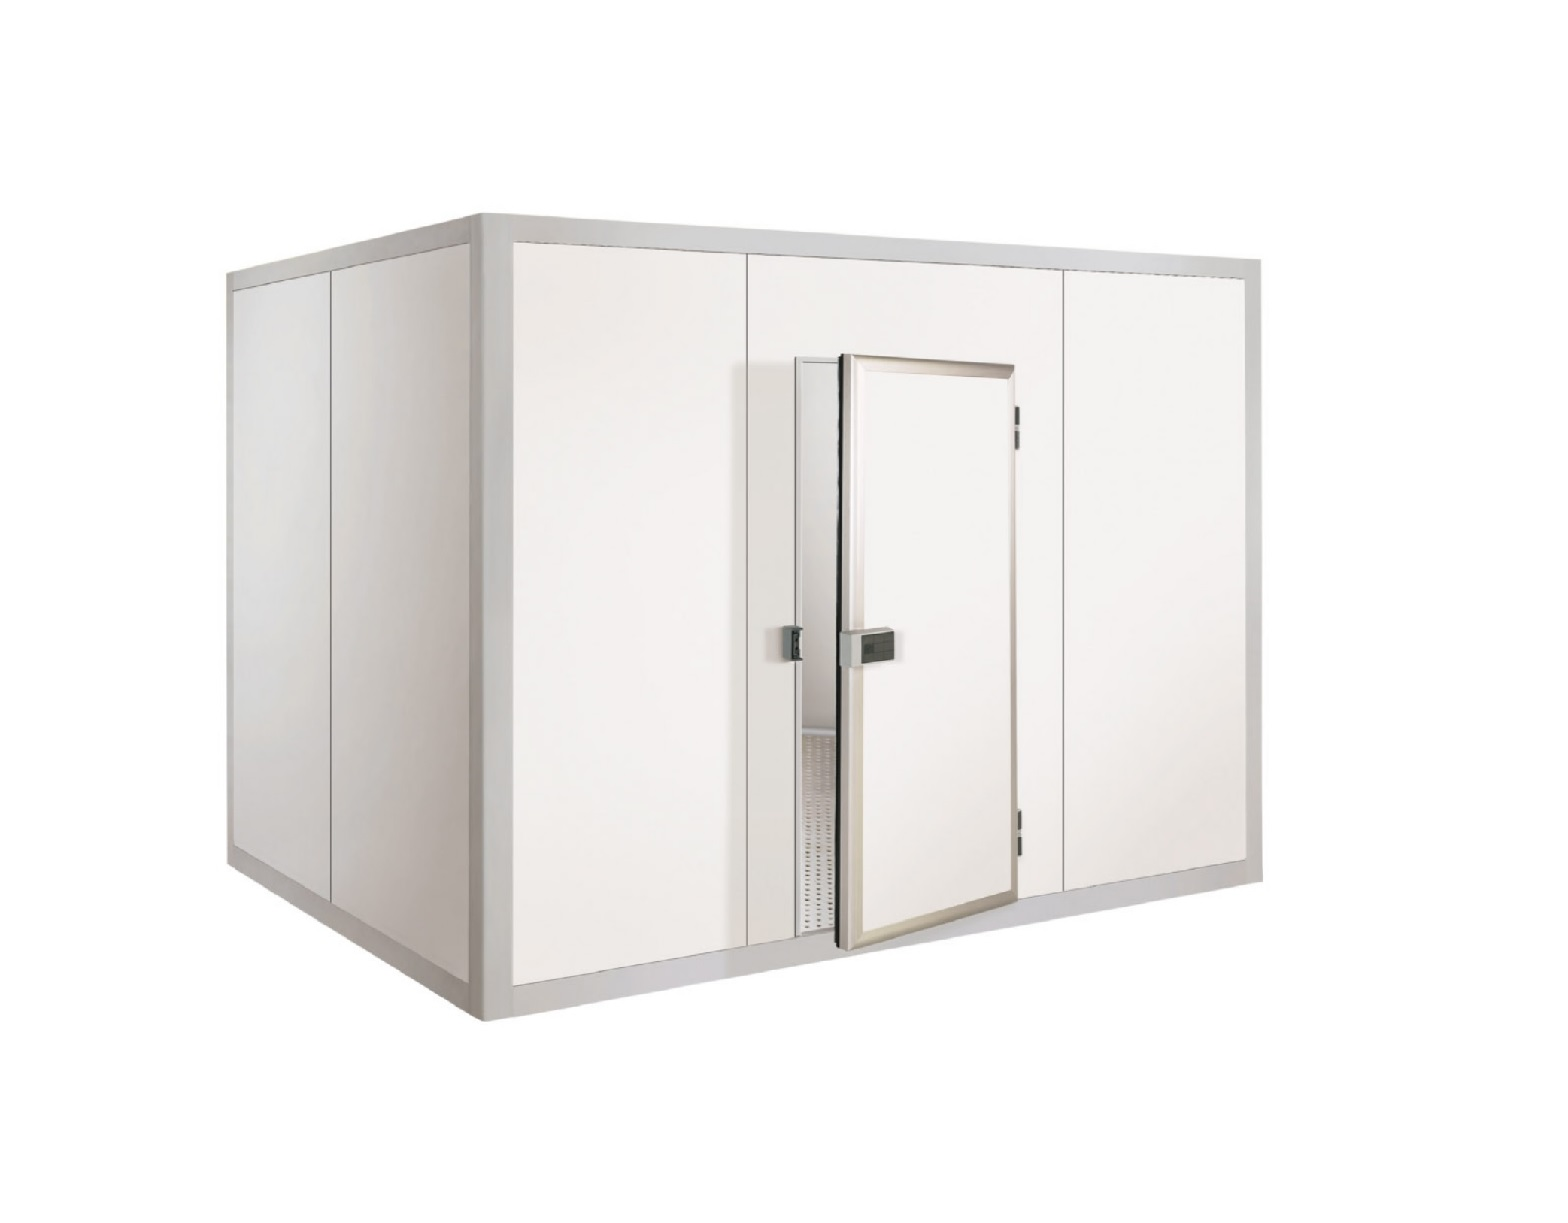 kylmähuone_kauppaan